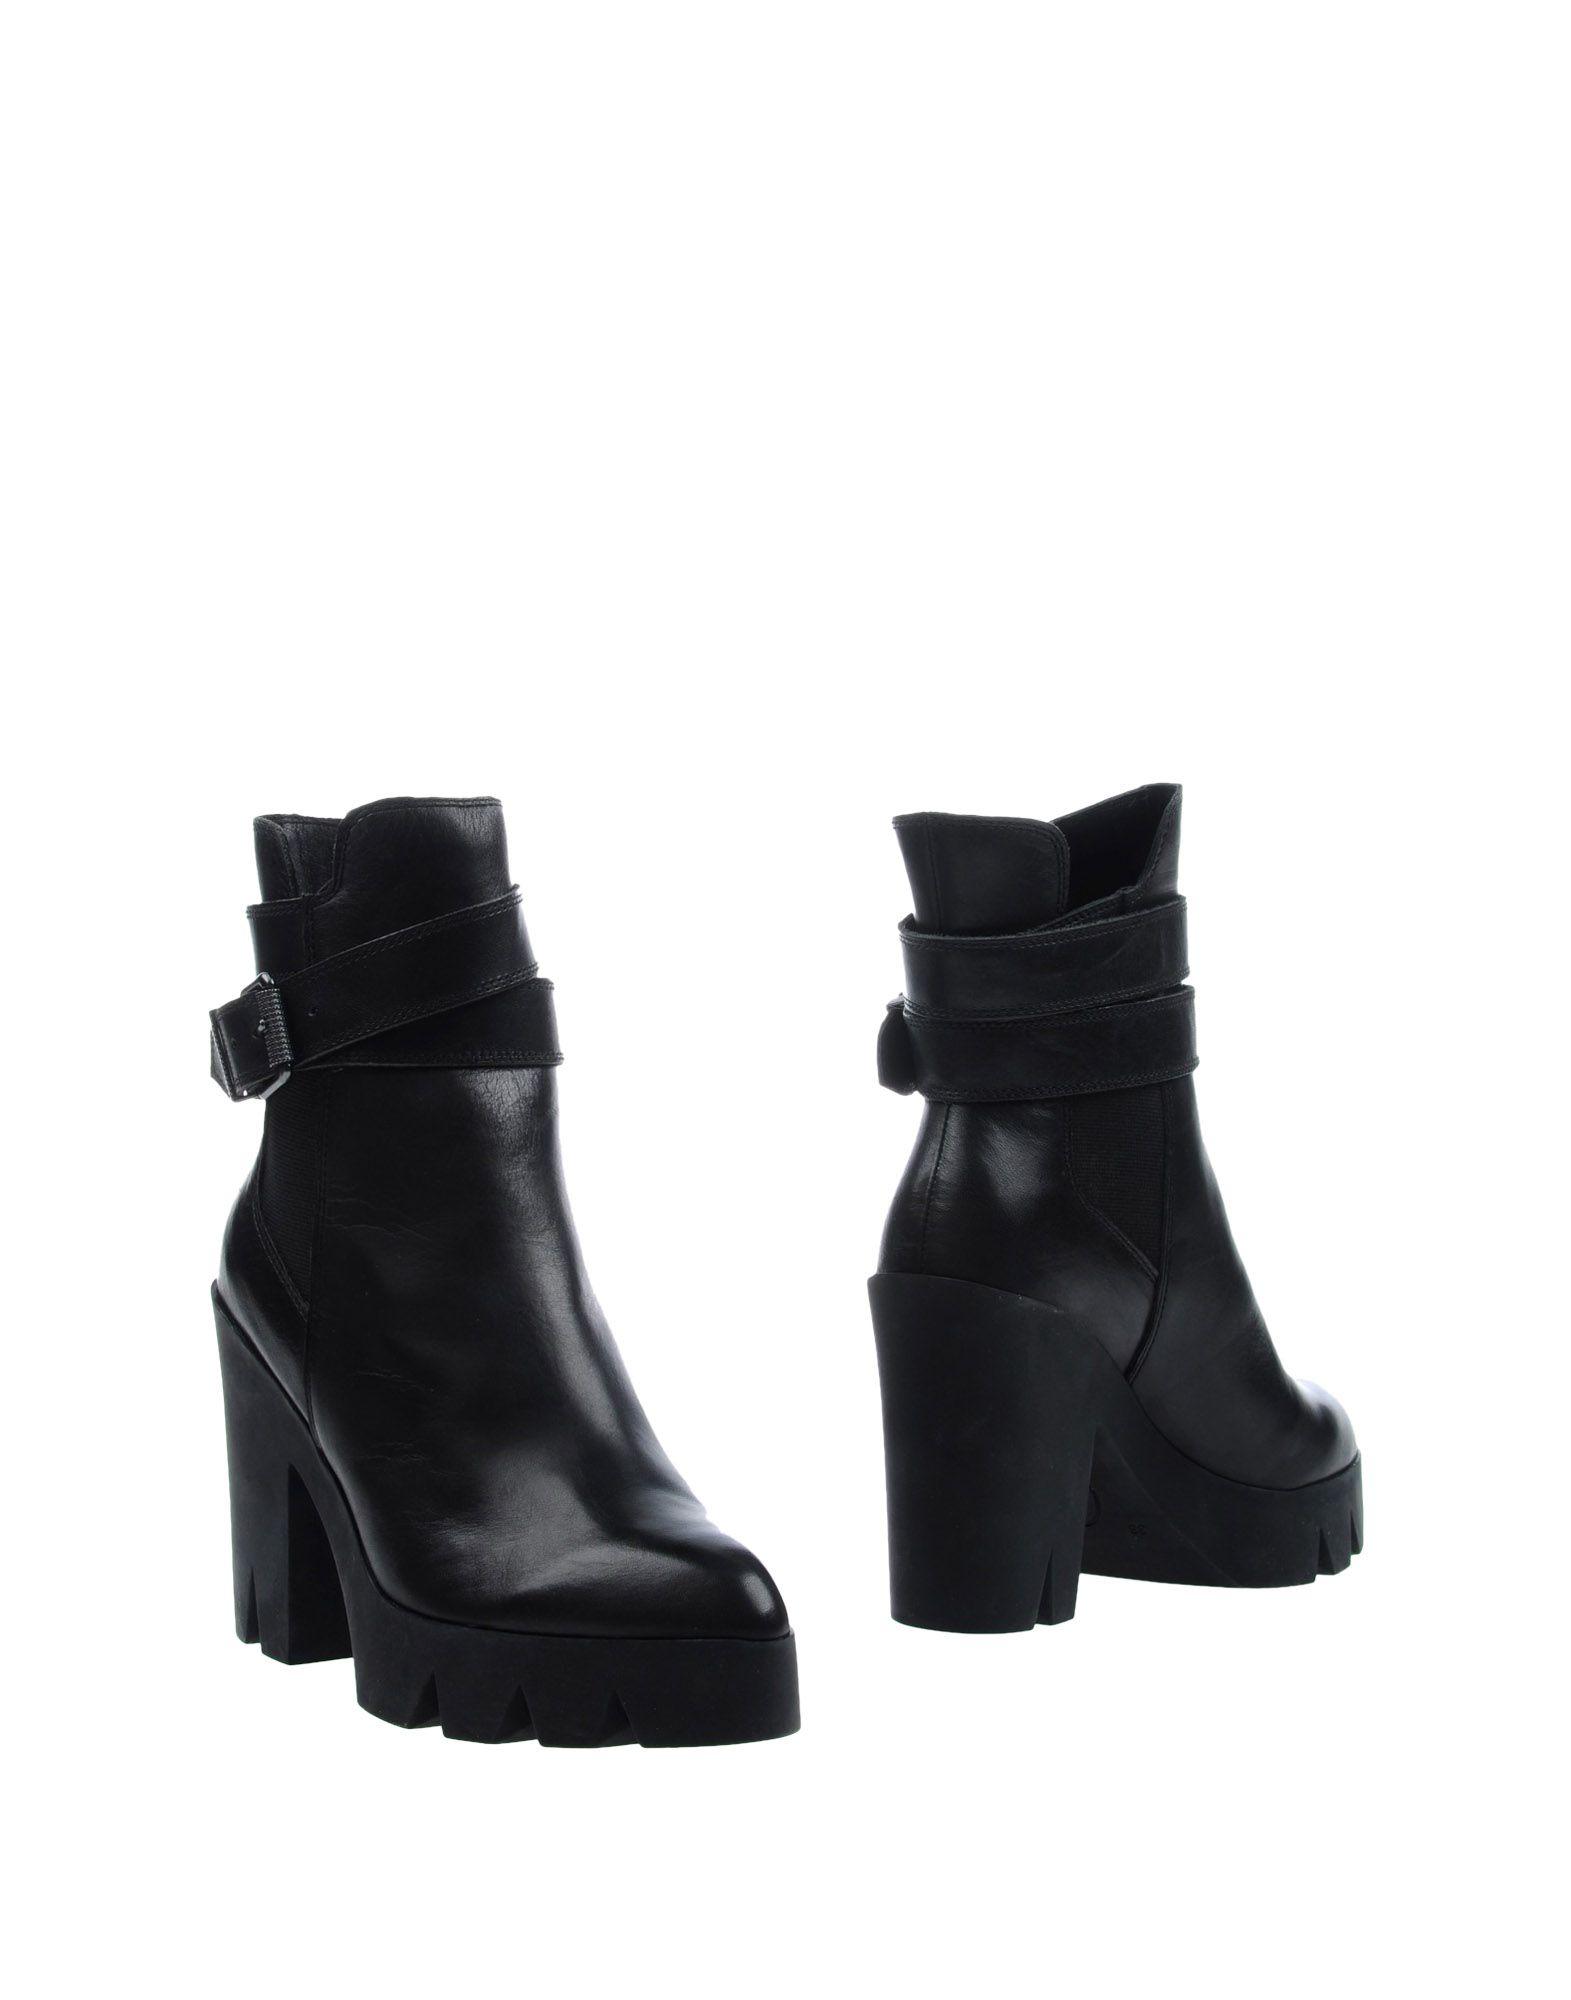 Bottillons discount Ash Femme - Bottillons Ash Noir Dernières chaussures discount Bottillons pour hommes et femmes ab88d1